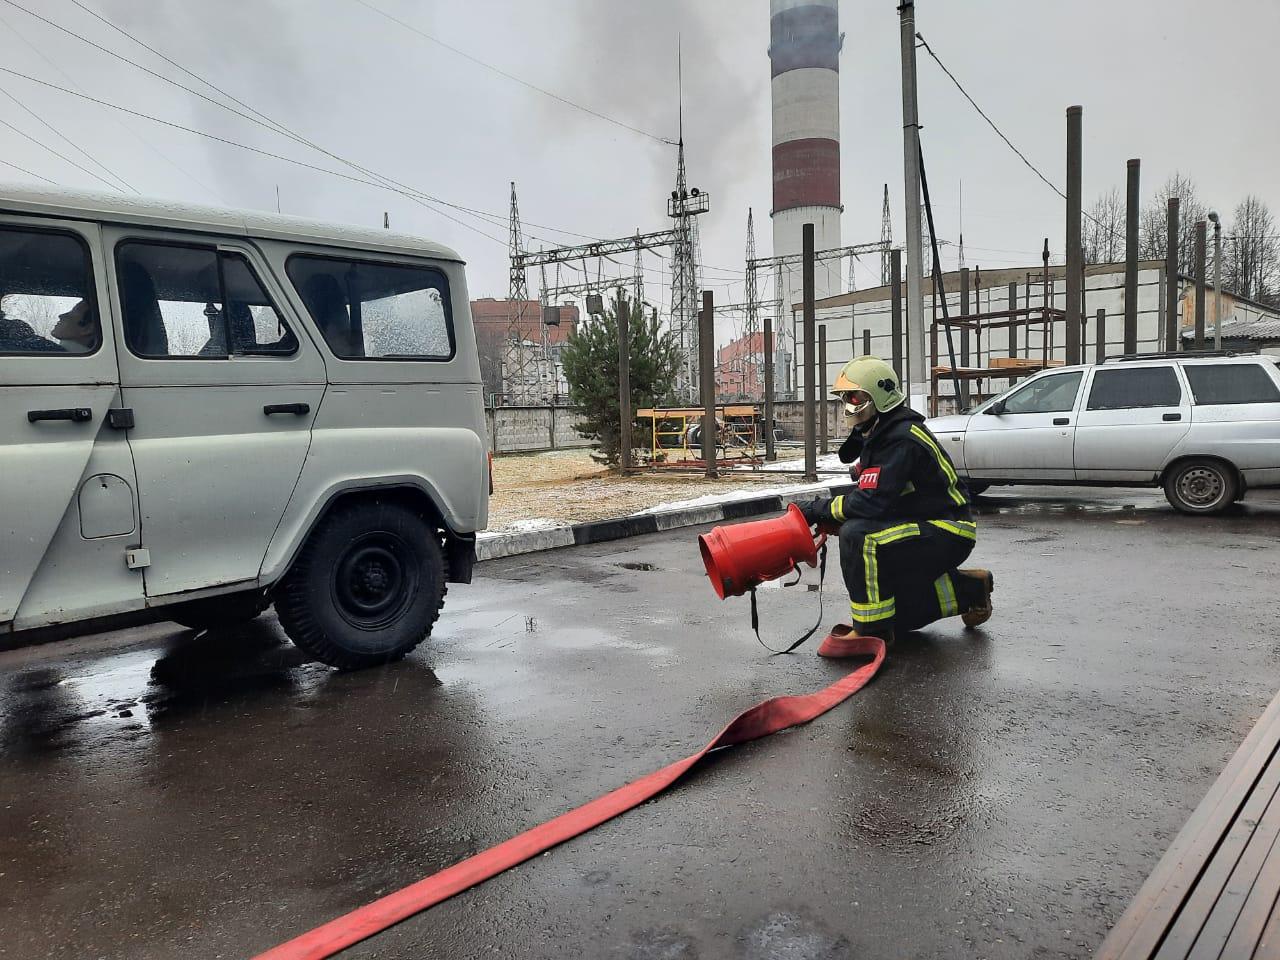 Сегодня пожарные 254-й пожарной части #Мособлпожспас провели пожарно-тактические занятия по ликвидации последствий #ДТП в городском округе #Электрогорск☎  Подобные тренировки позволяют на практике отработать порядок действий в случае возникновения чрезвыч